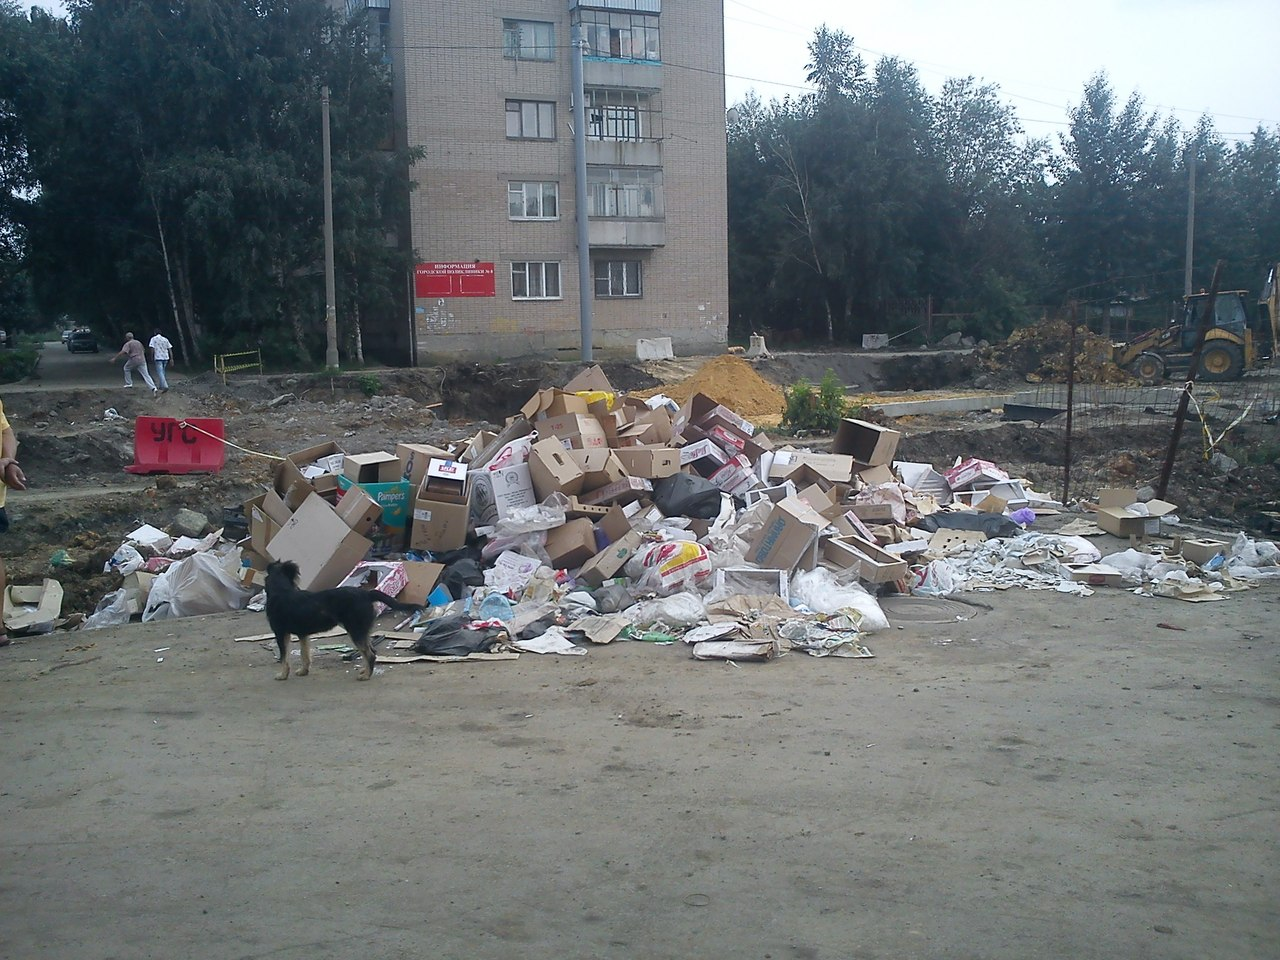 «Меня беспокоит, что у нас не создана система раздельного сбора мусора в современном понимании эт